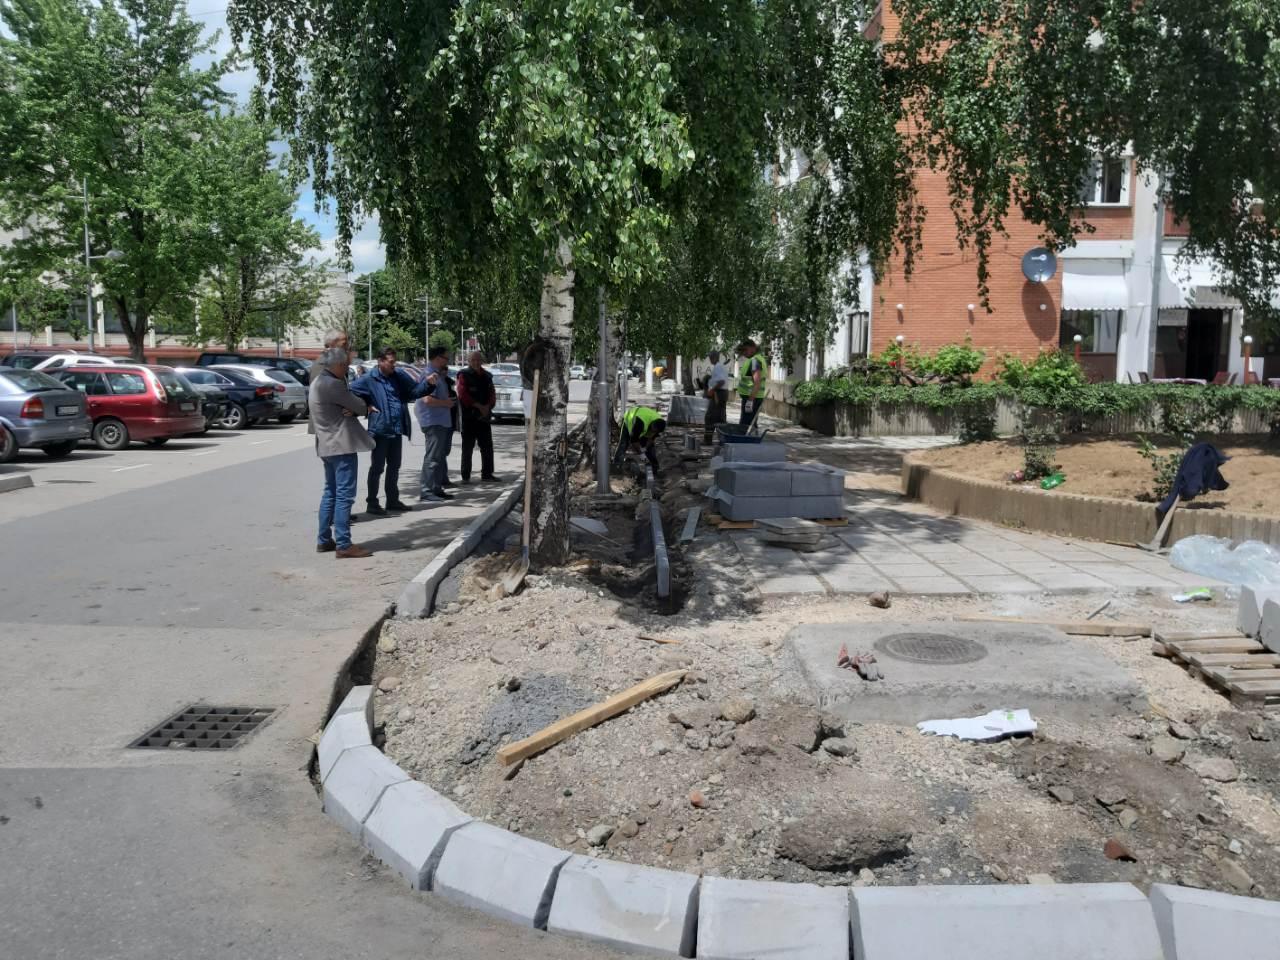 Radovi u ulici Branka Radičevića, foto: A.S.